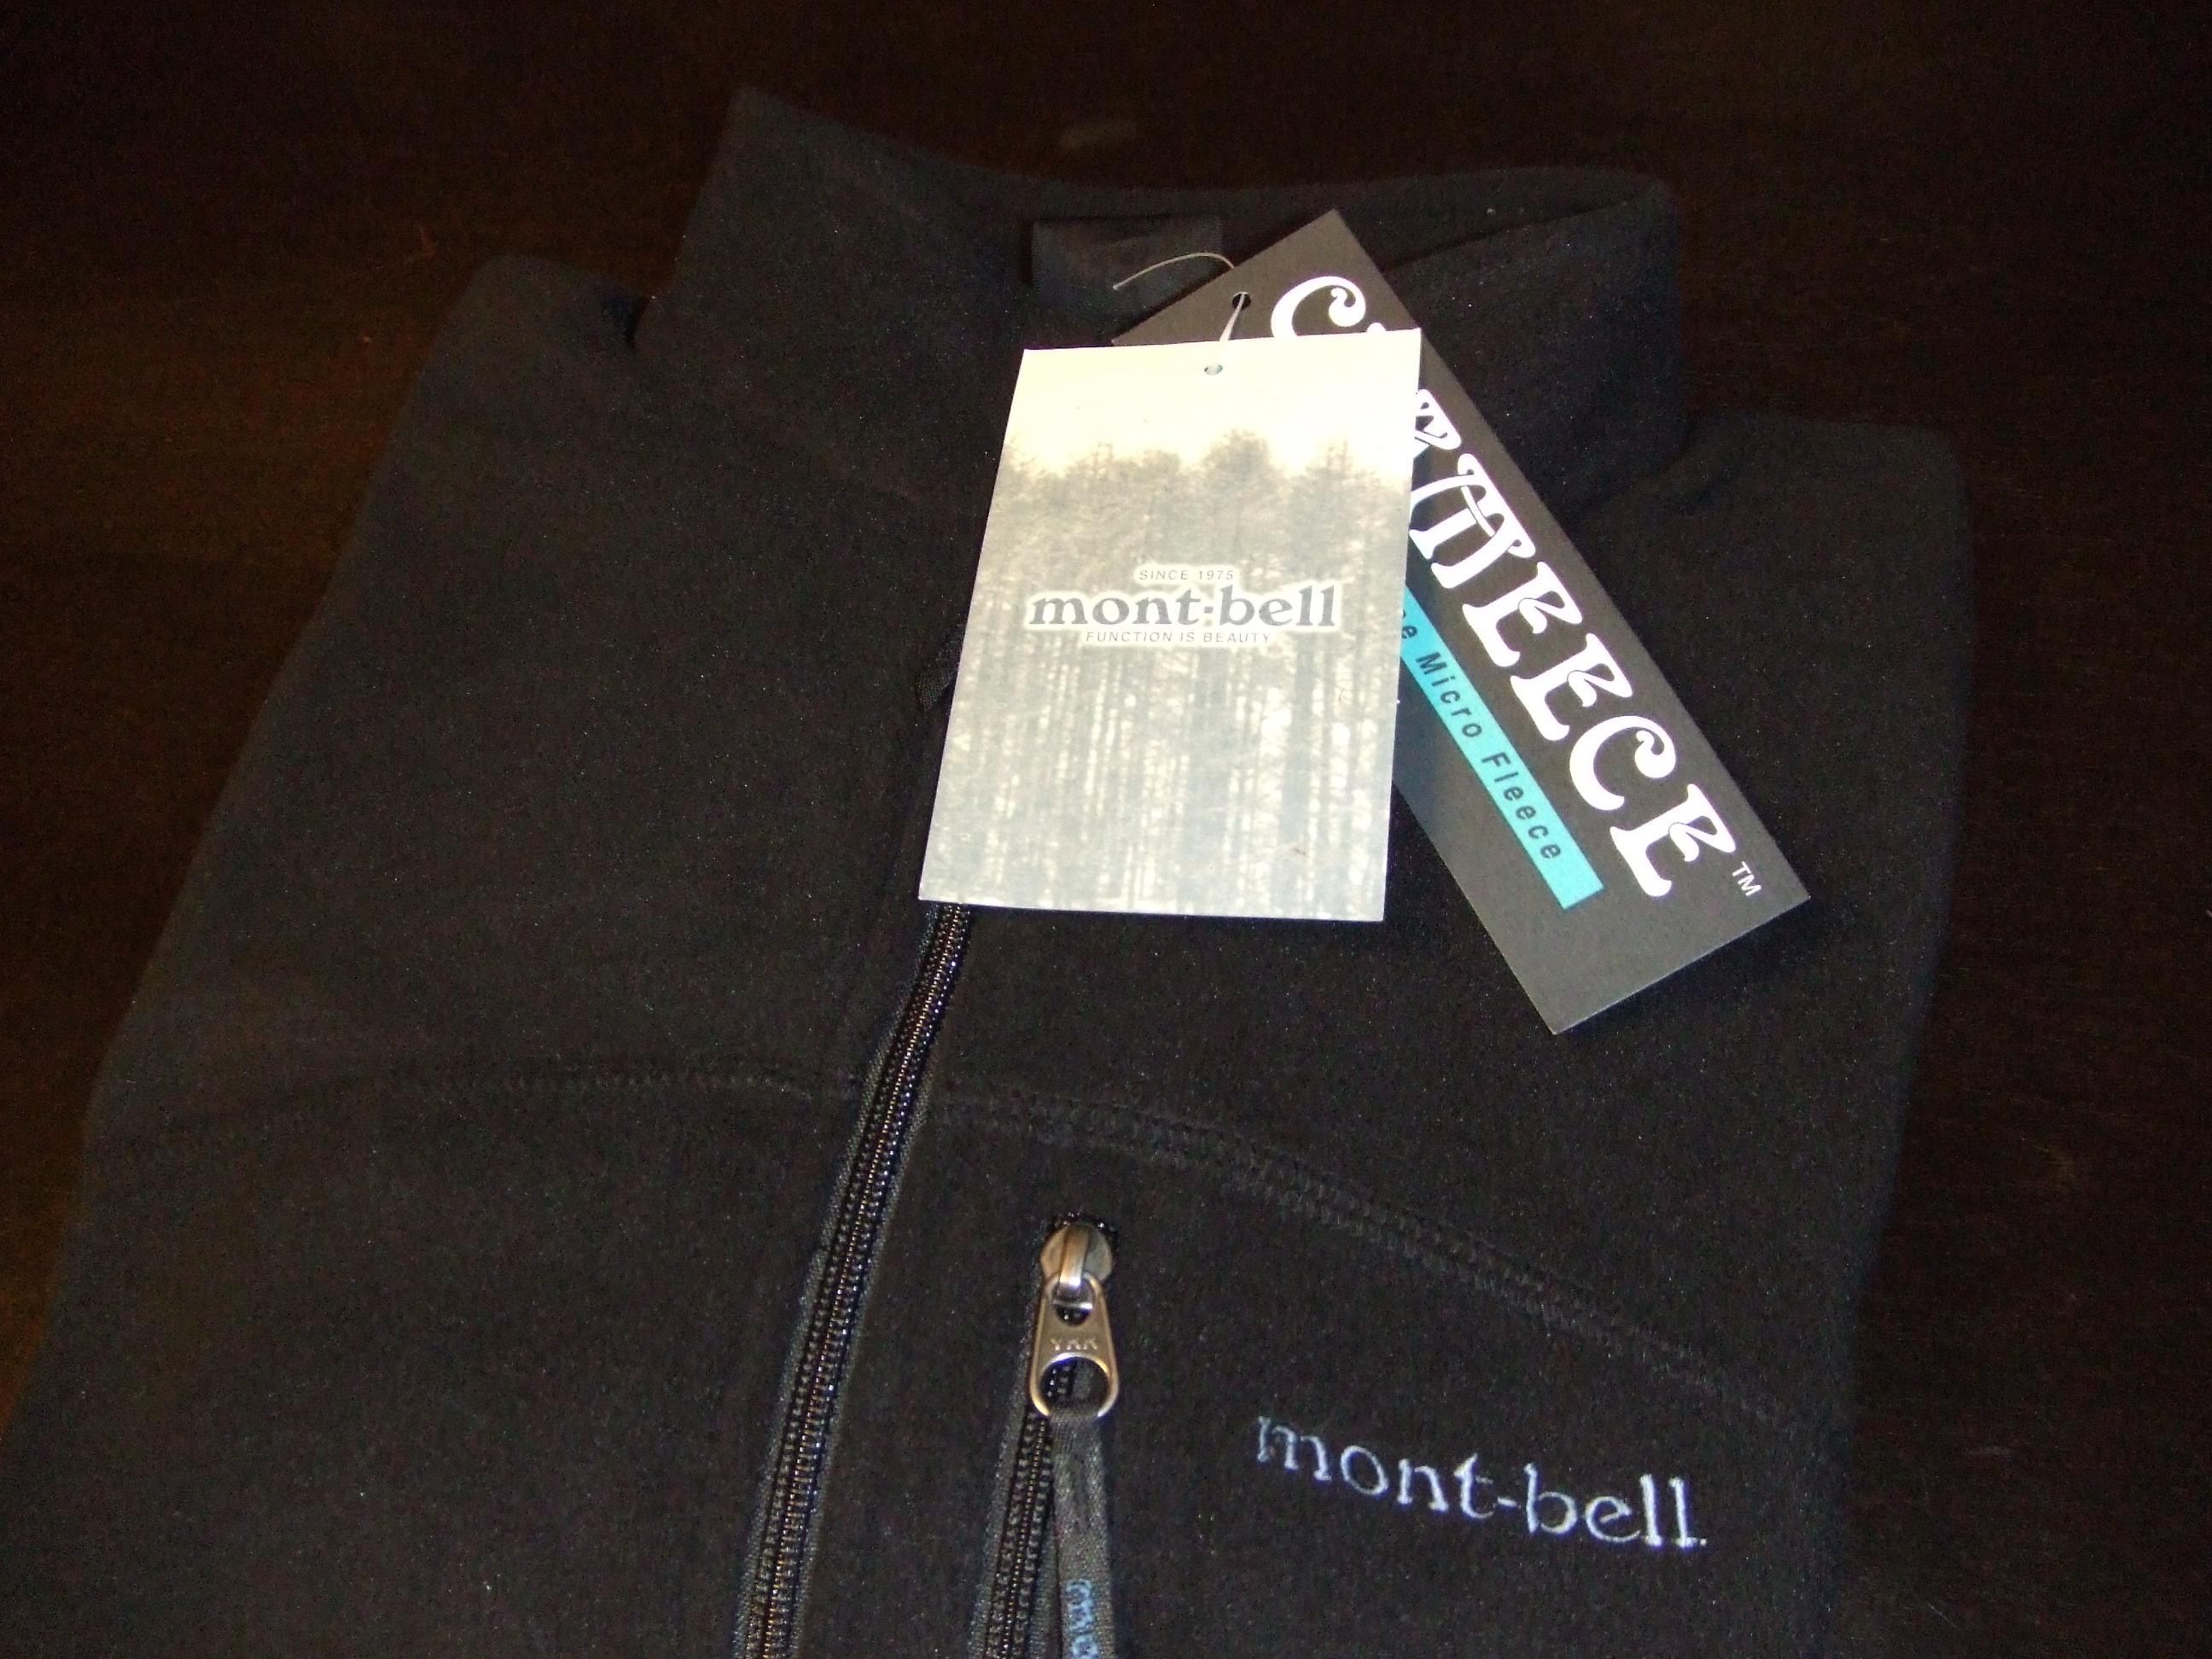 シャミースTM mont-bell: 【ろーかるらいふ】